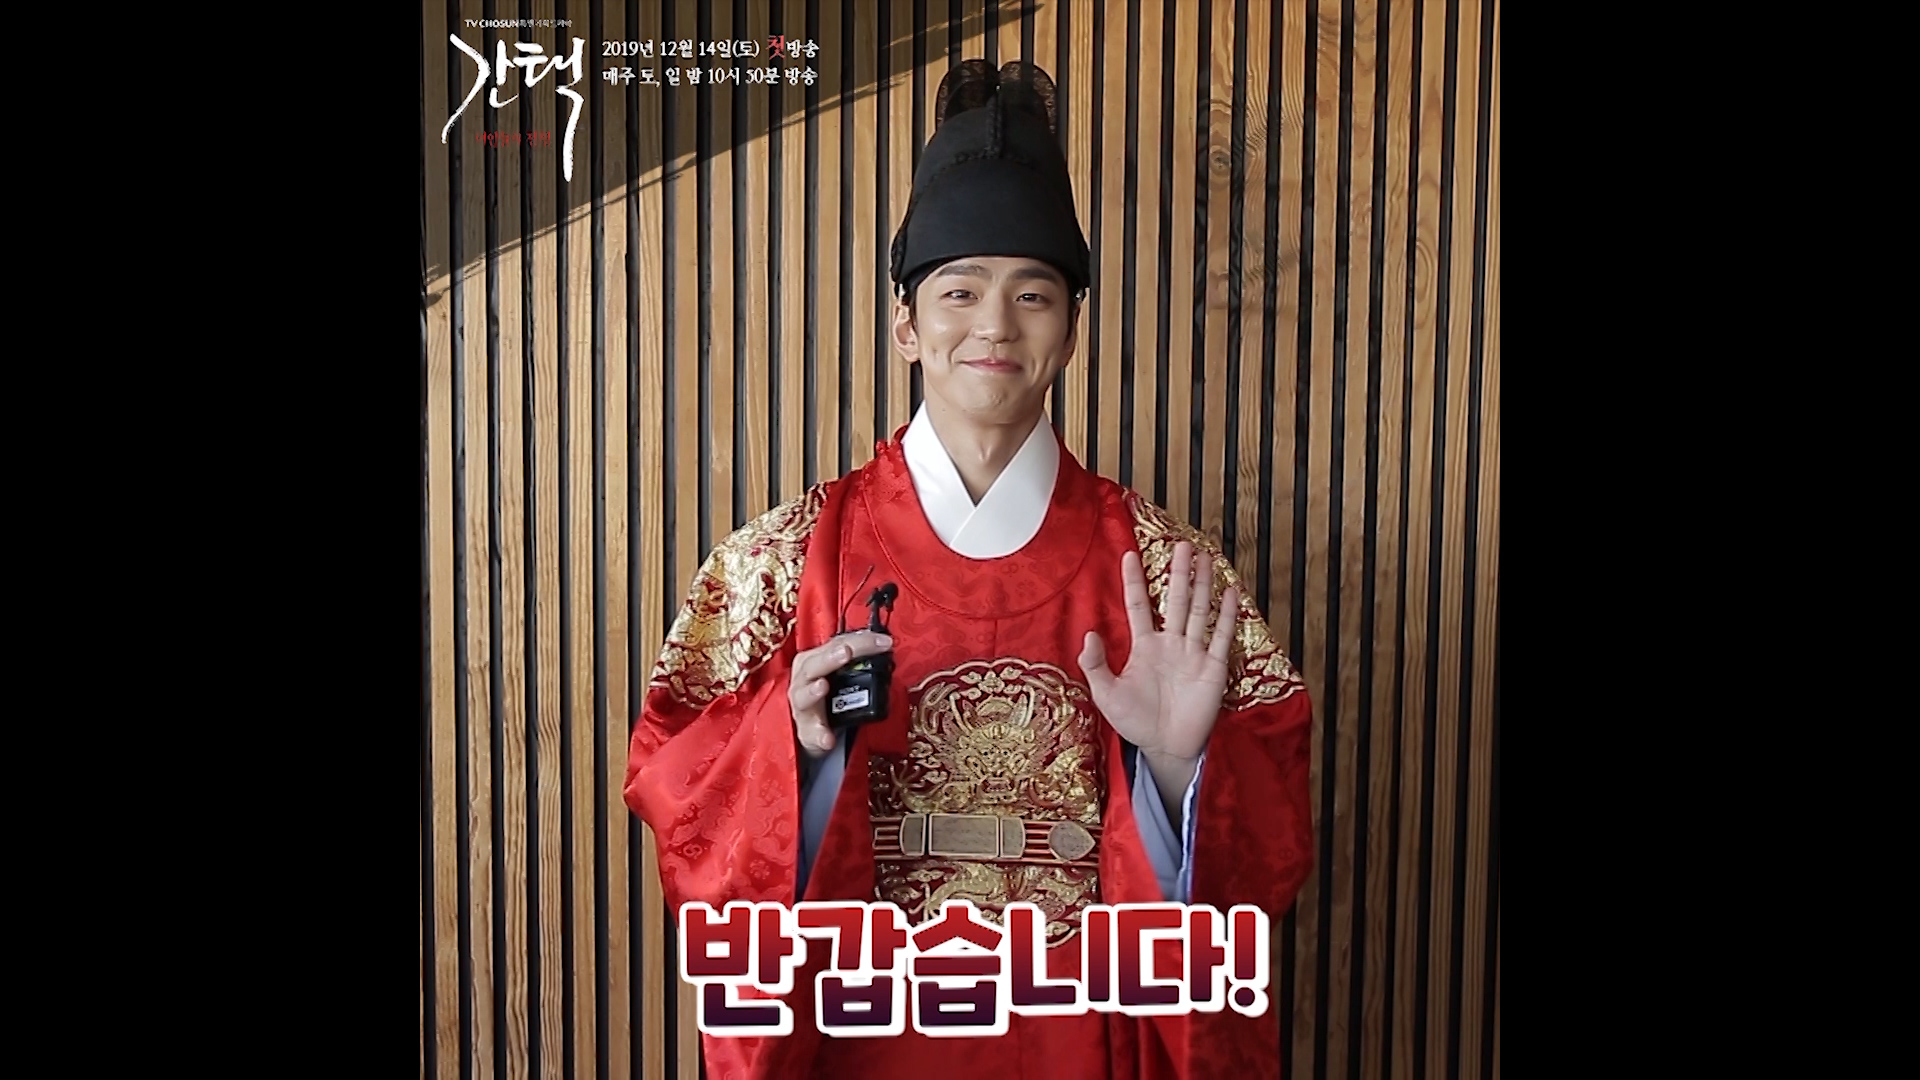 [메이킹] 간택-여인들의 전쟁 조선 임금 '이 경' 역 김민규 인사말 이미지